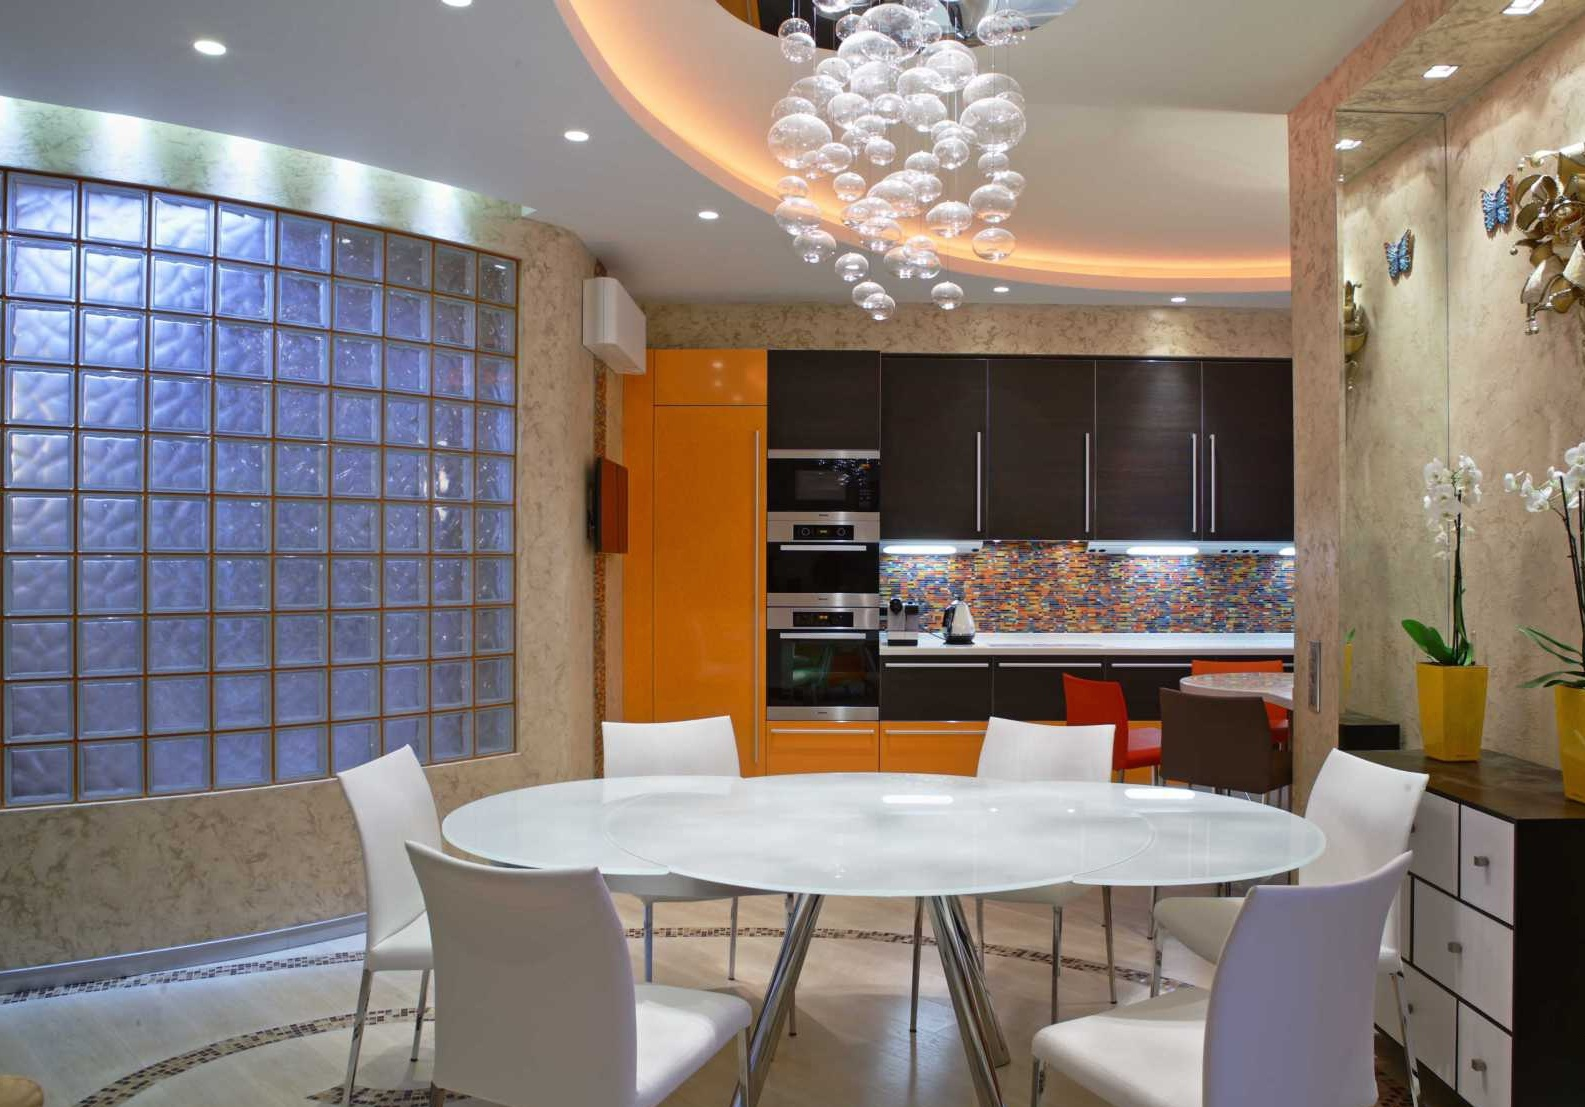 Стена в кухне из стеклоблоков